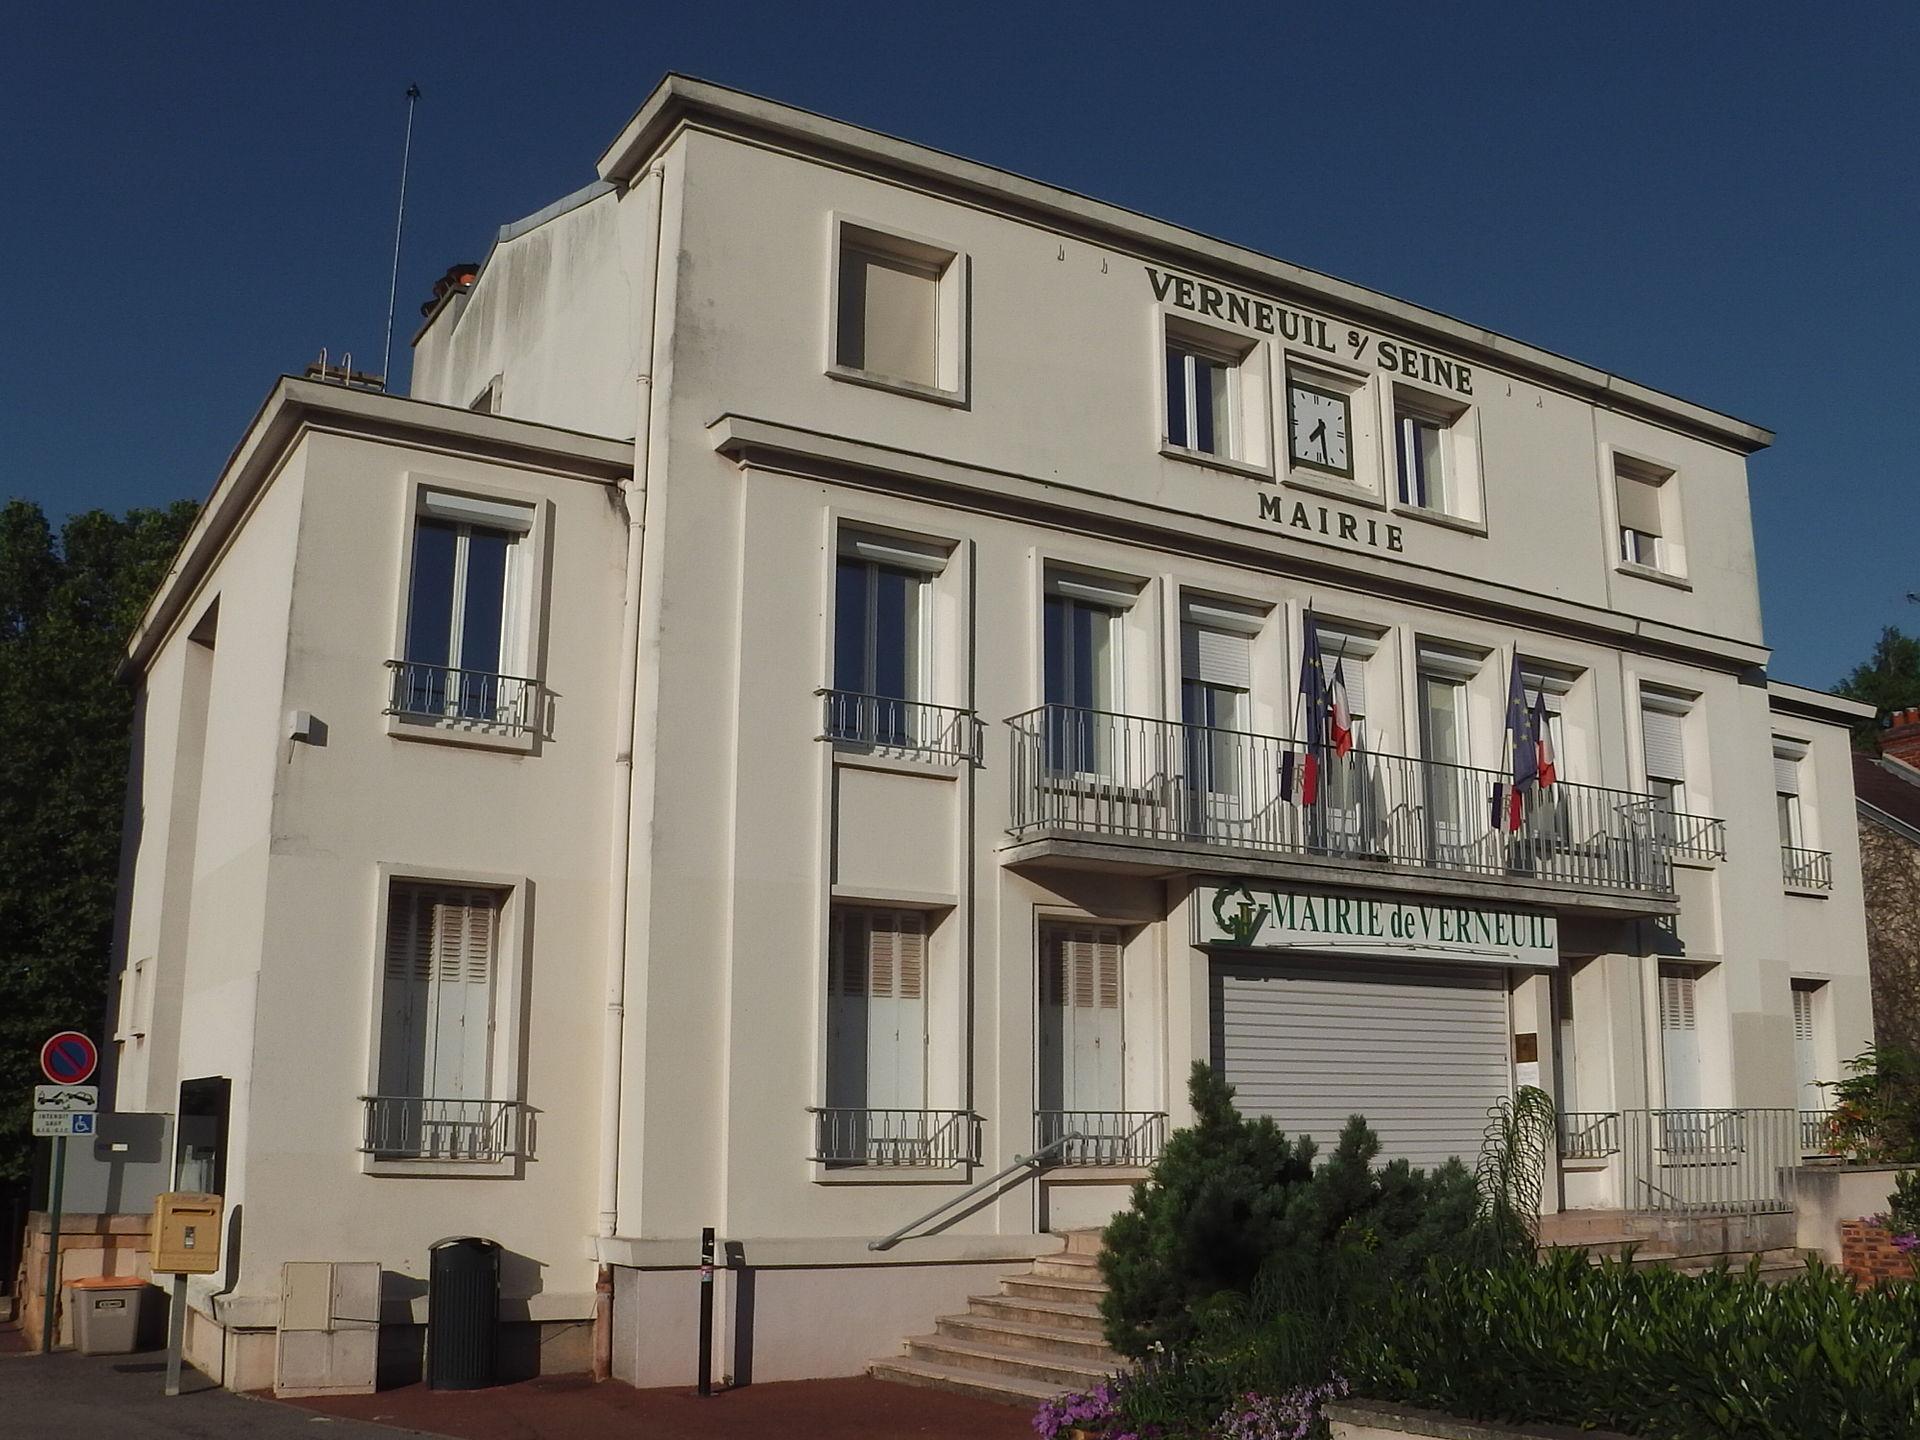 Verneuil sur seine wikipedia for Piscine verneuil sur seine